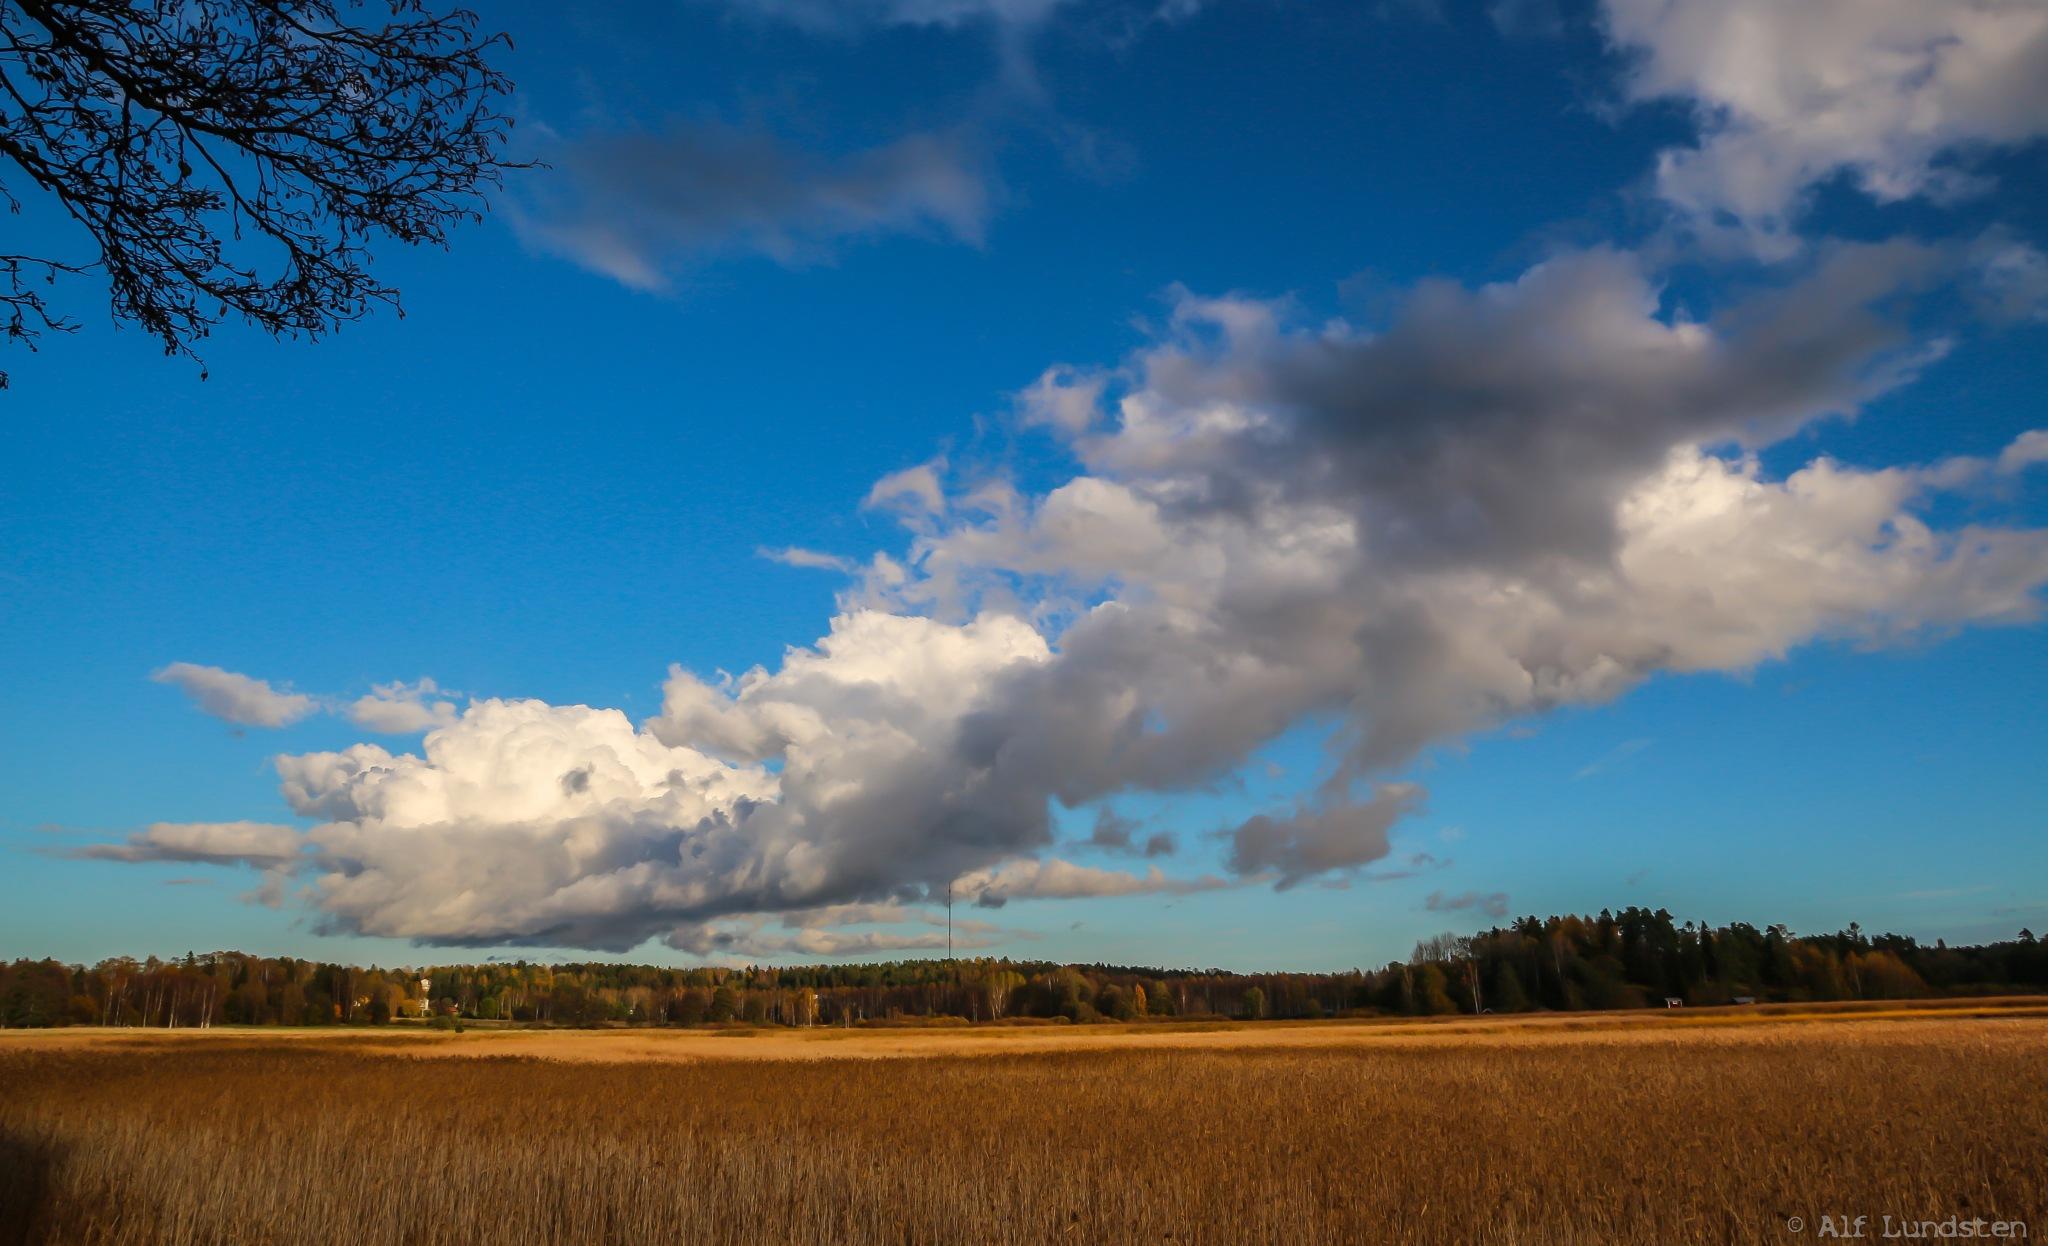 Golden autumn reed by alf lundsten